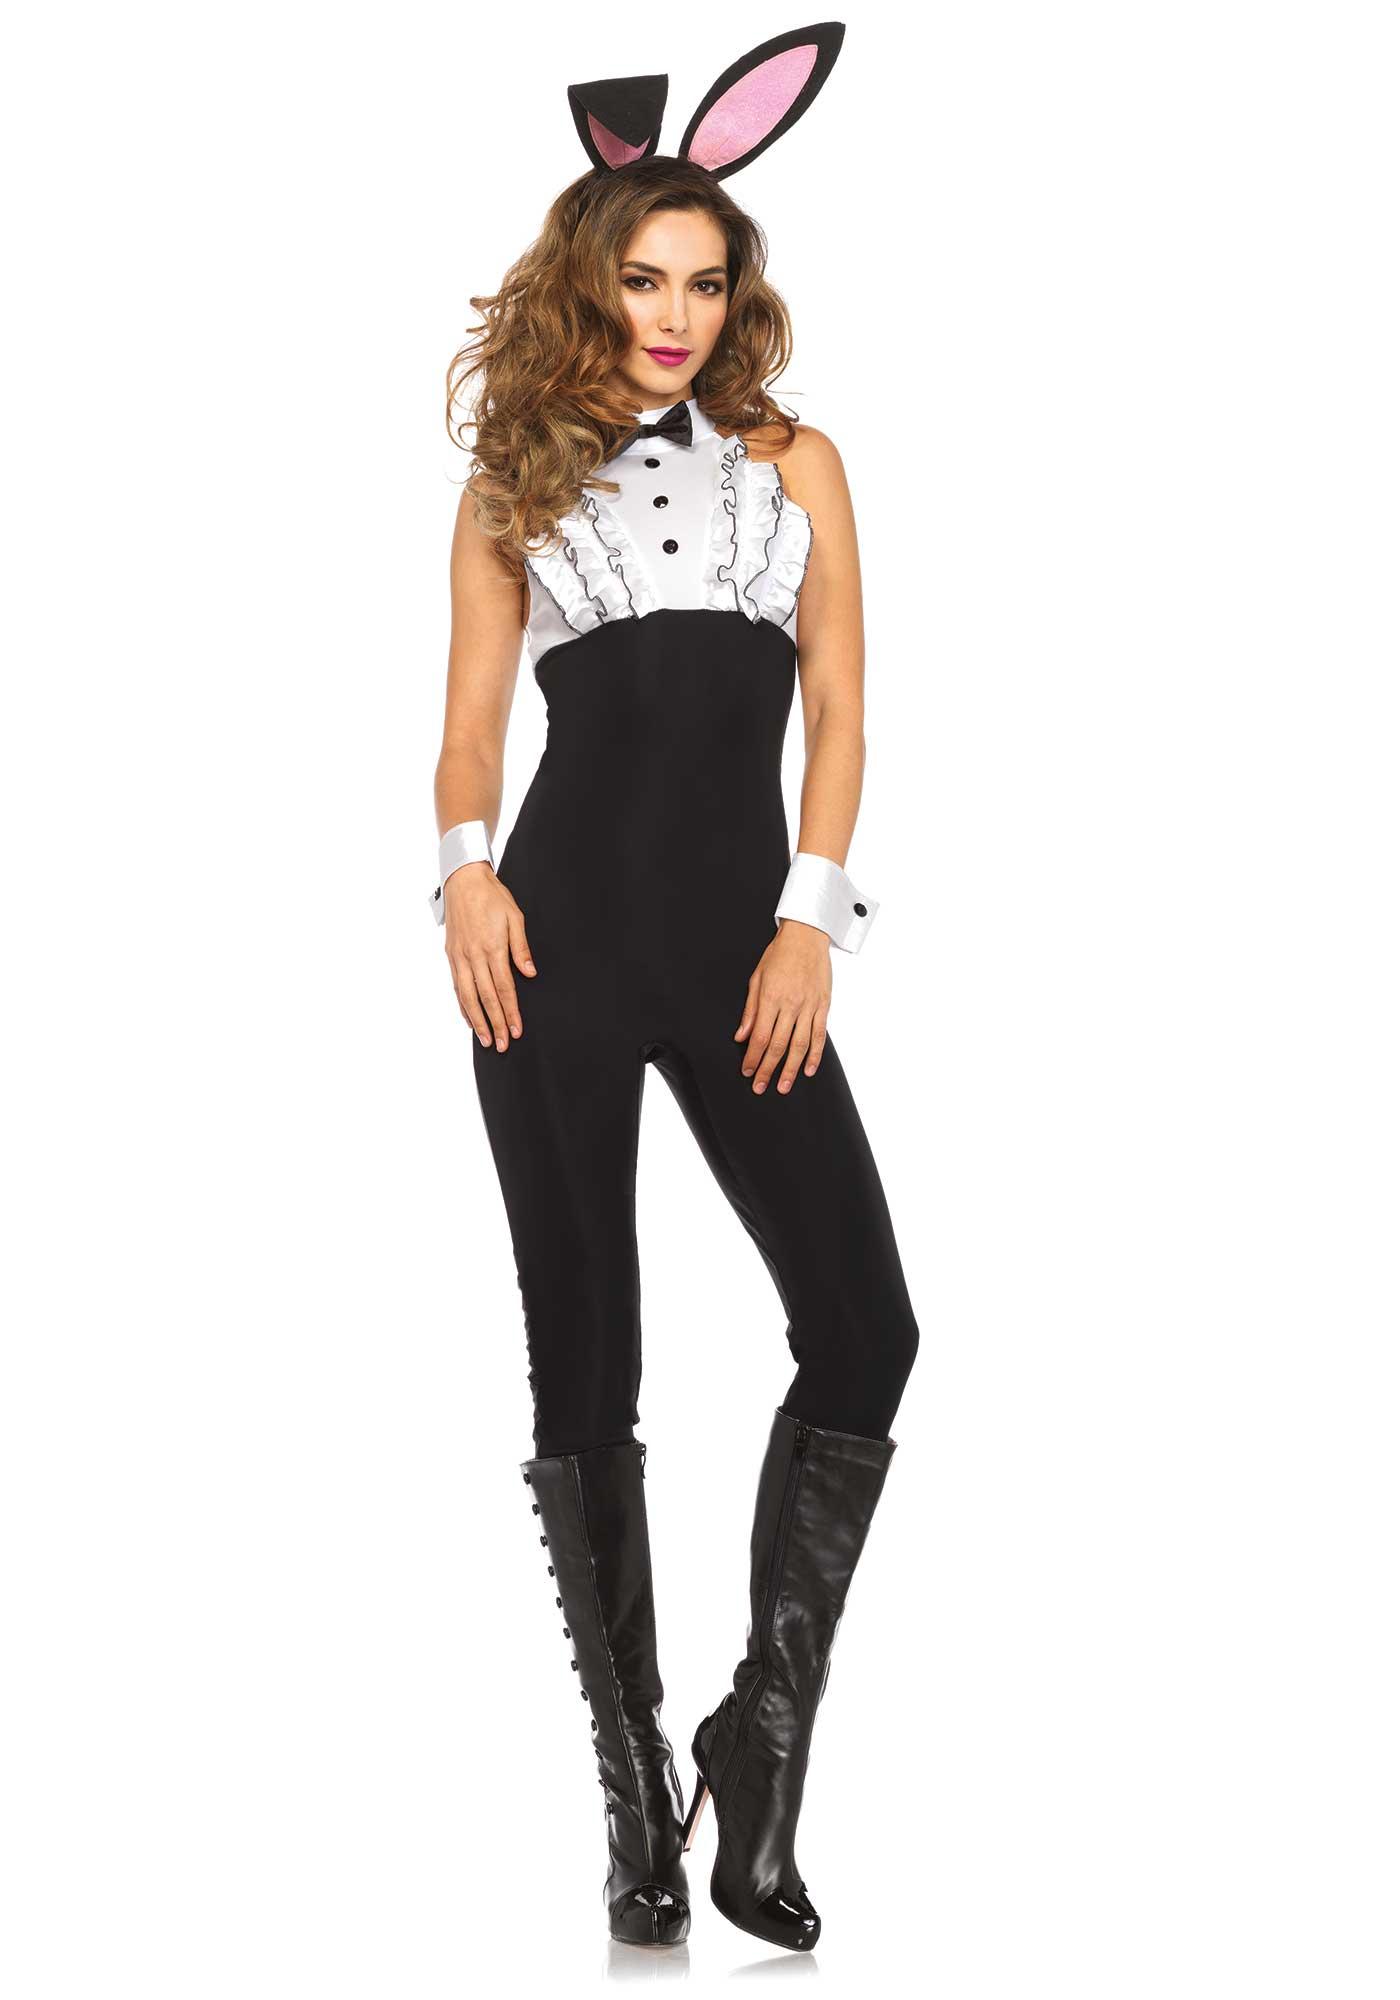 Hippie Girl Halloween Costume Ideas